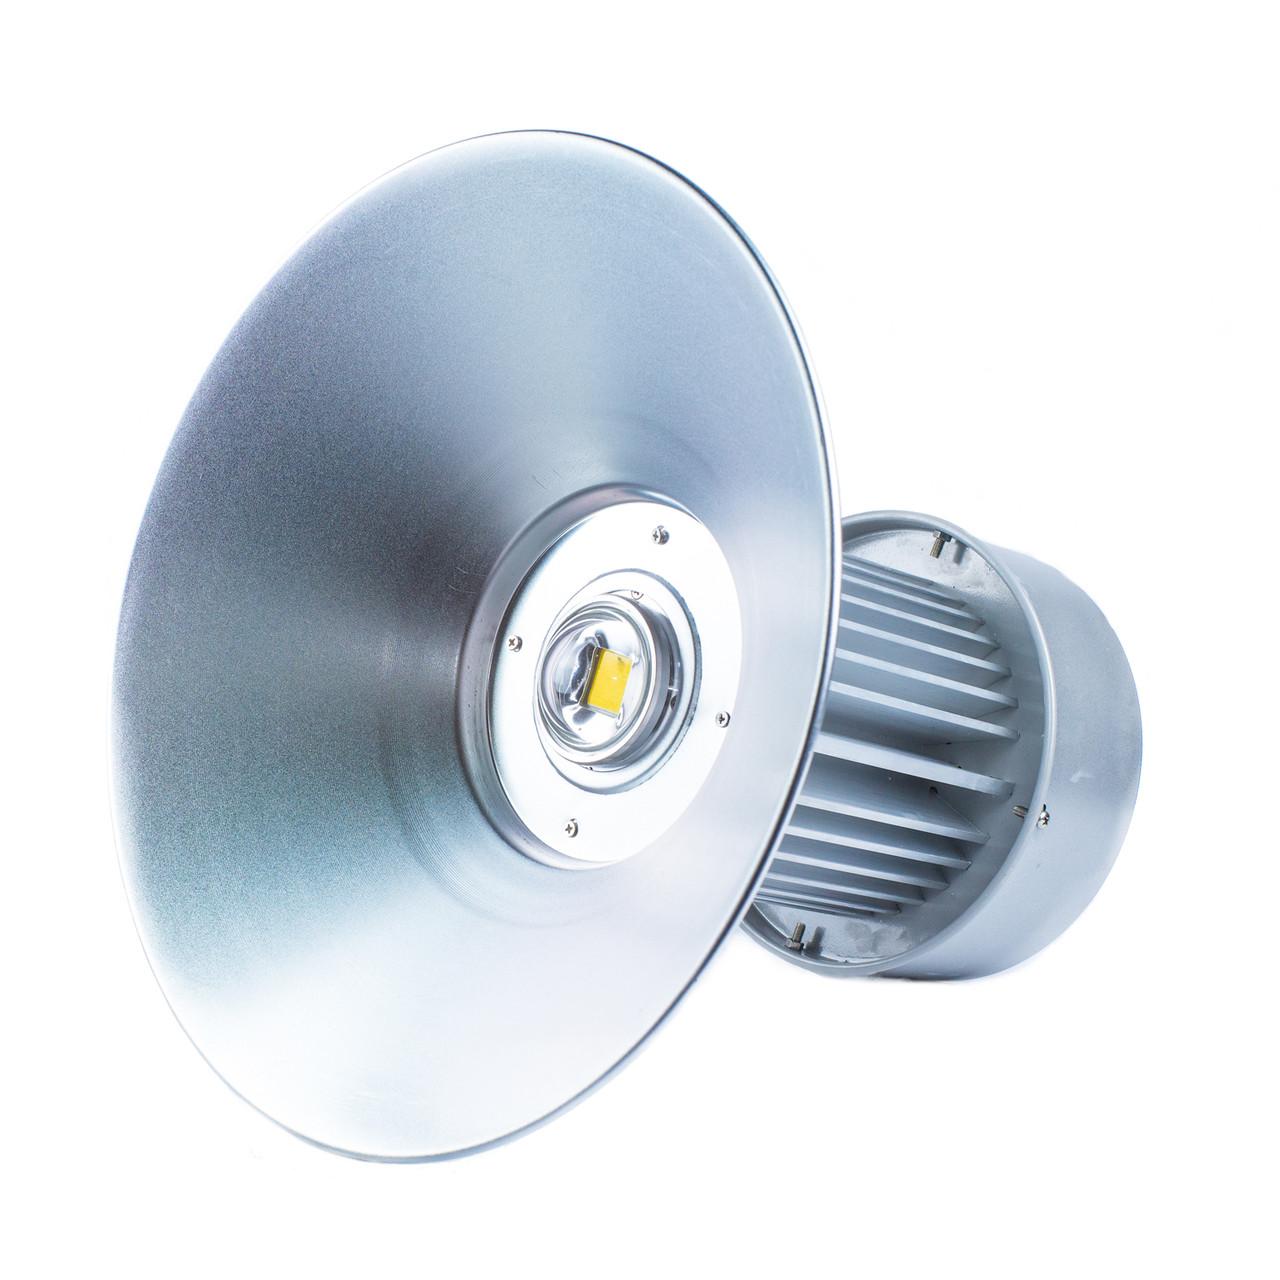 Промышленный светодиодный светильник LED-SUN-50 Вт, 5000 Лм